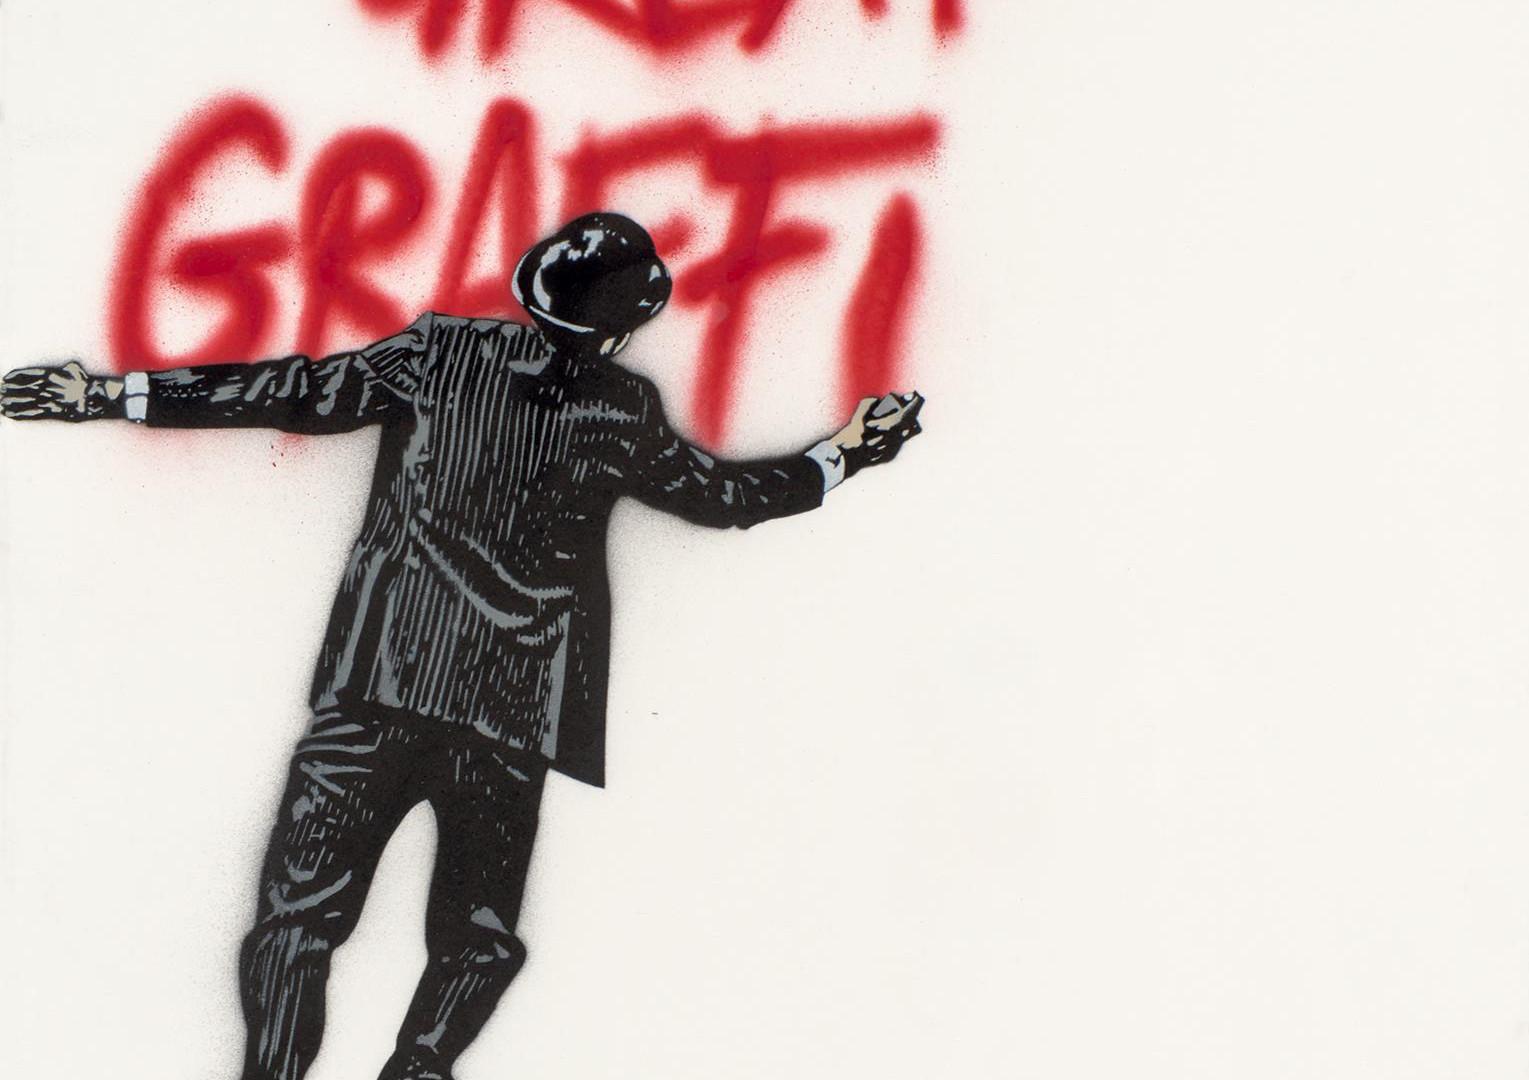 THE GREAT GRAFFITI,2016